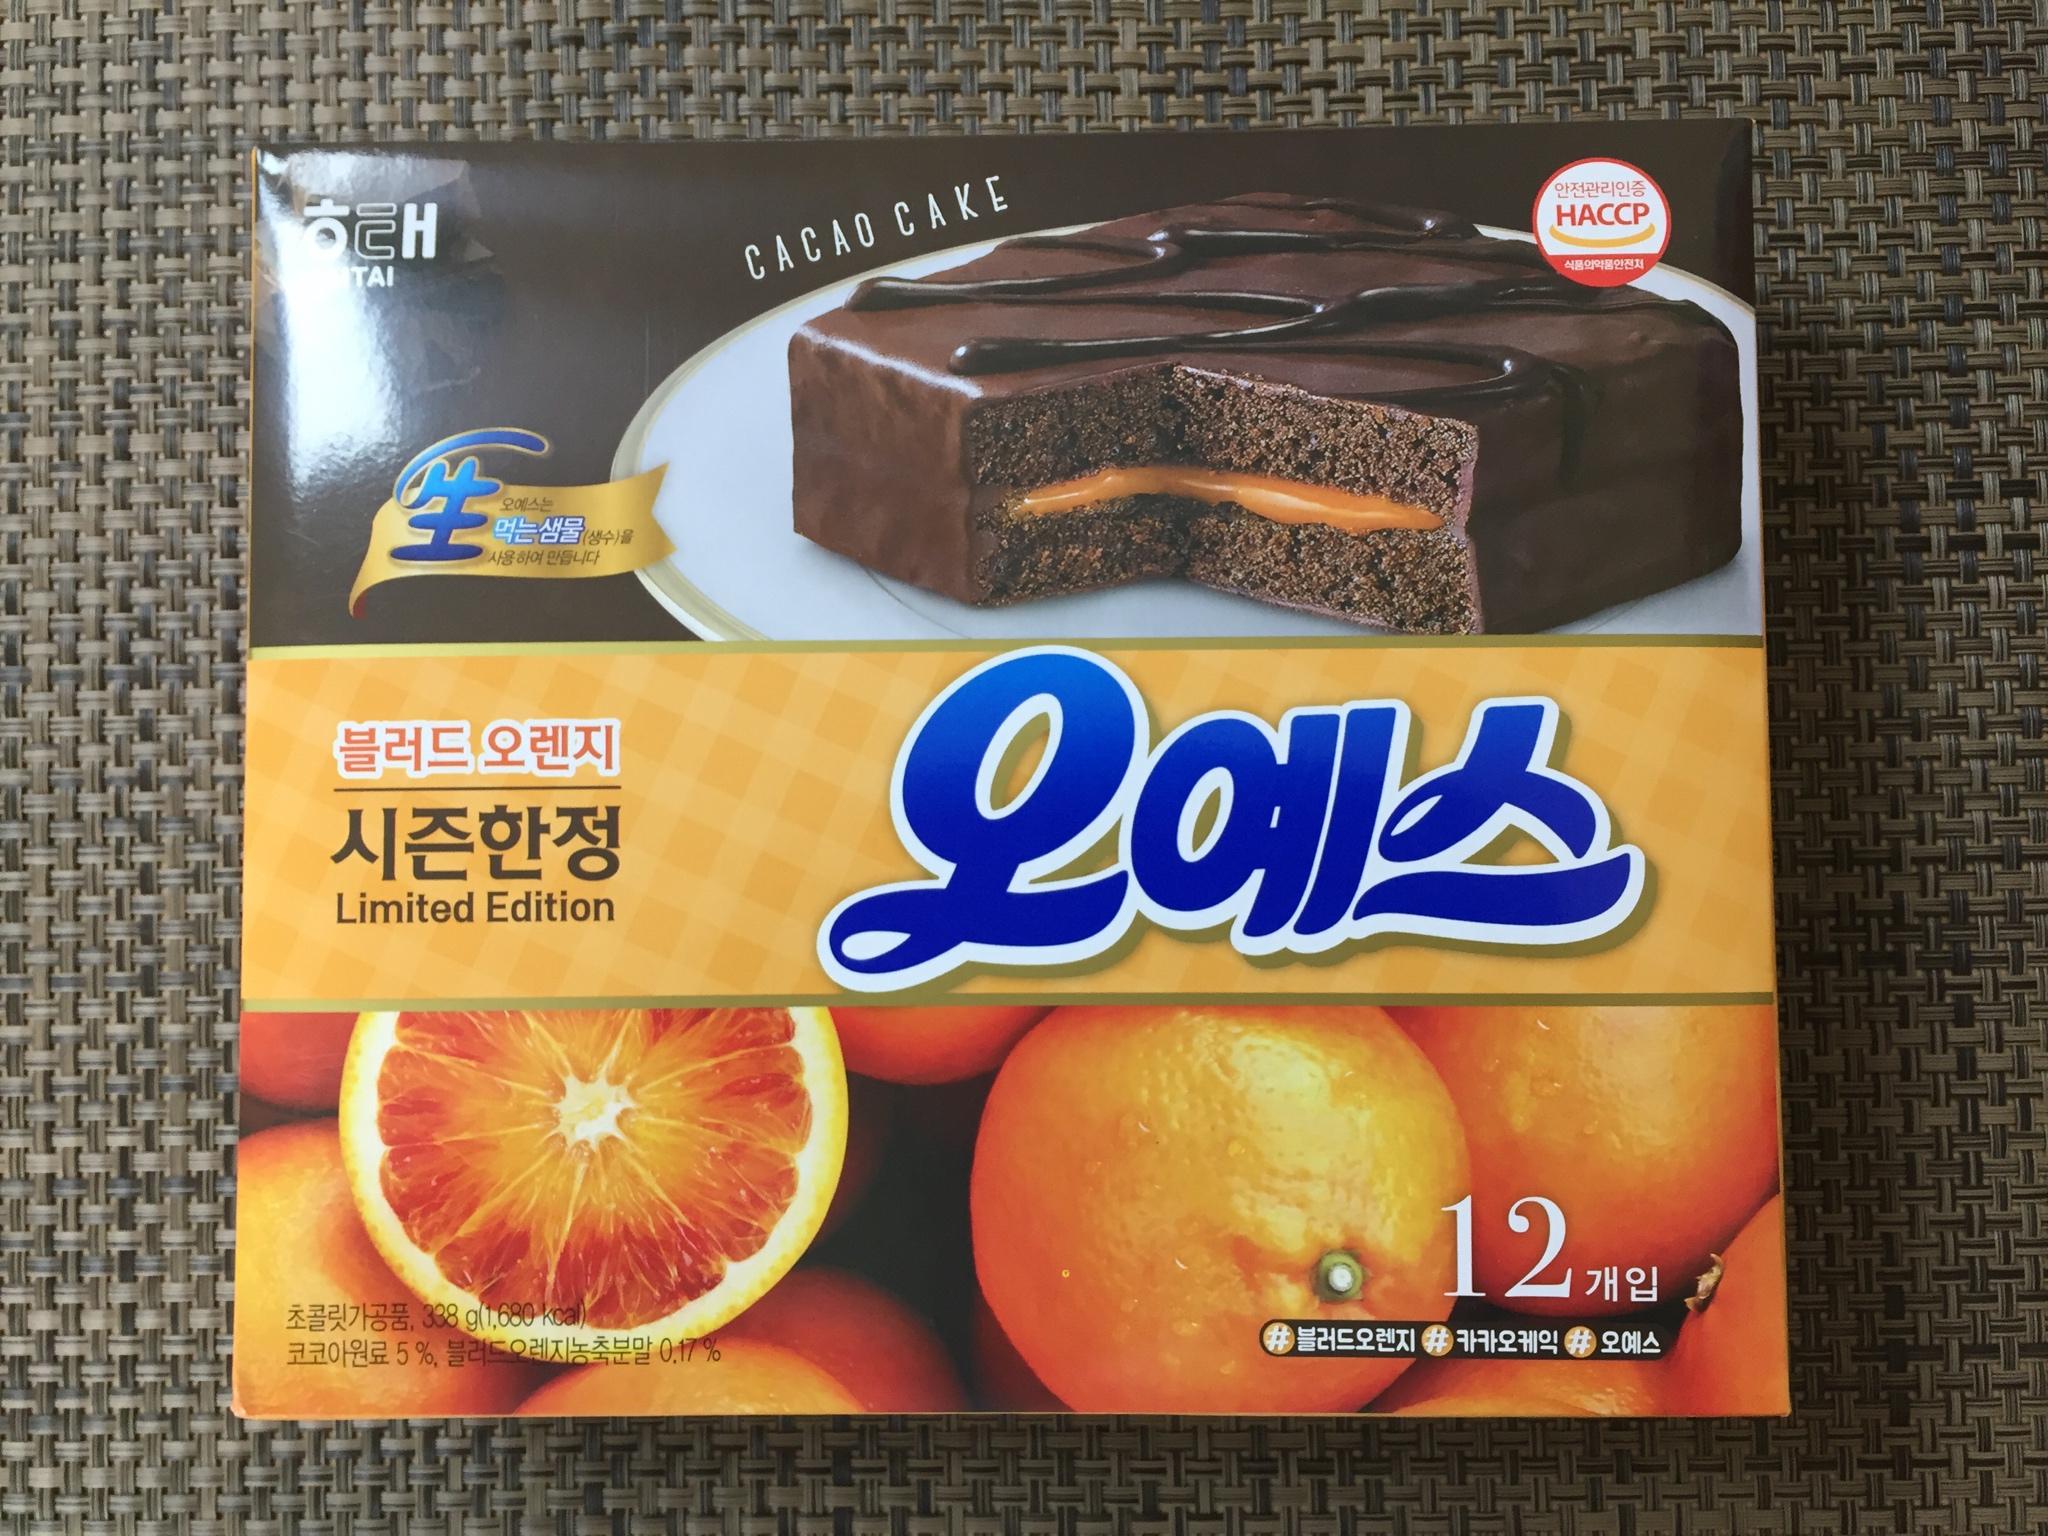 촉촉하고 상큼한 맛, [해태] 시즌한정 오예스 ..